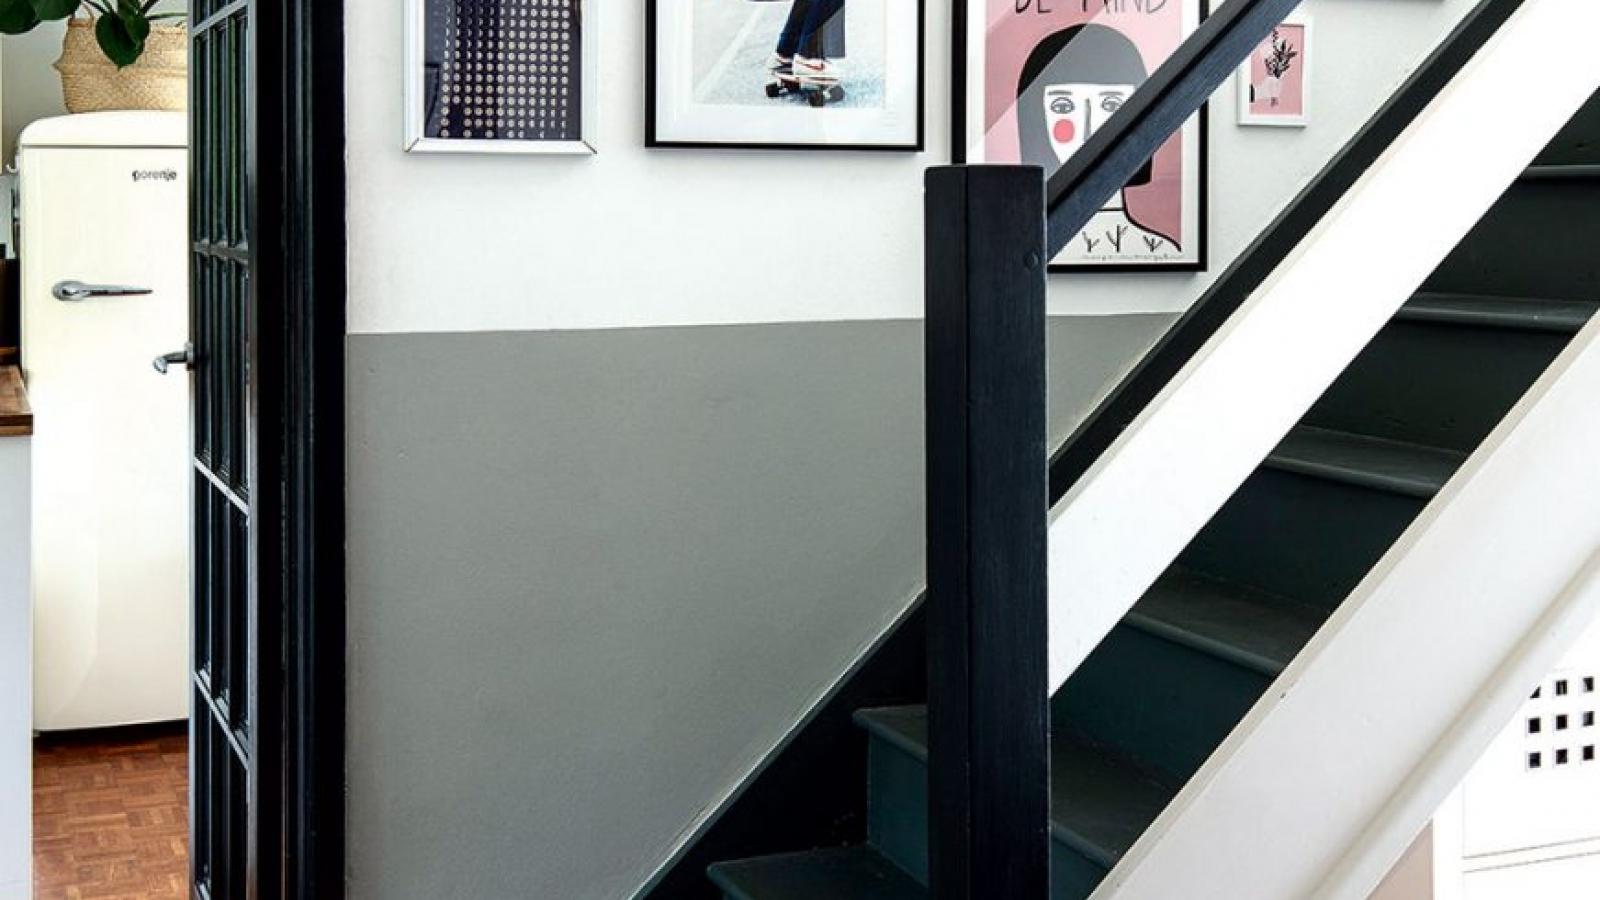 Những ý tưởng trang trí tường cầu thang đầy bắt mắt và hấp dẫn